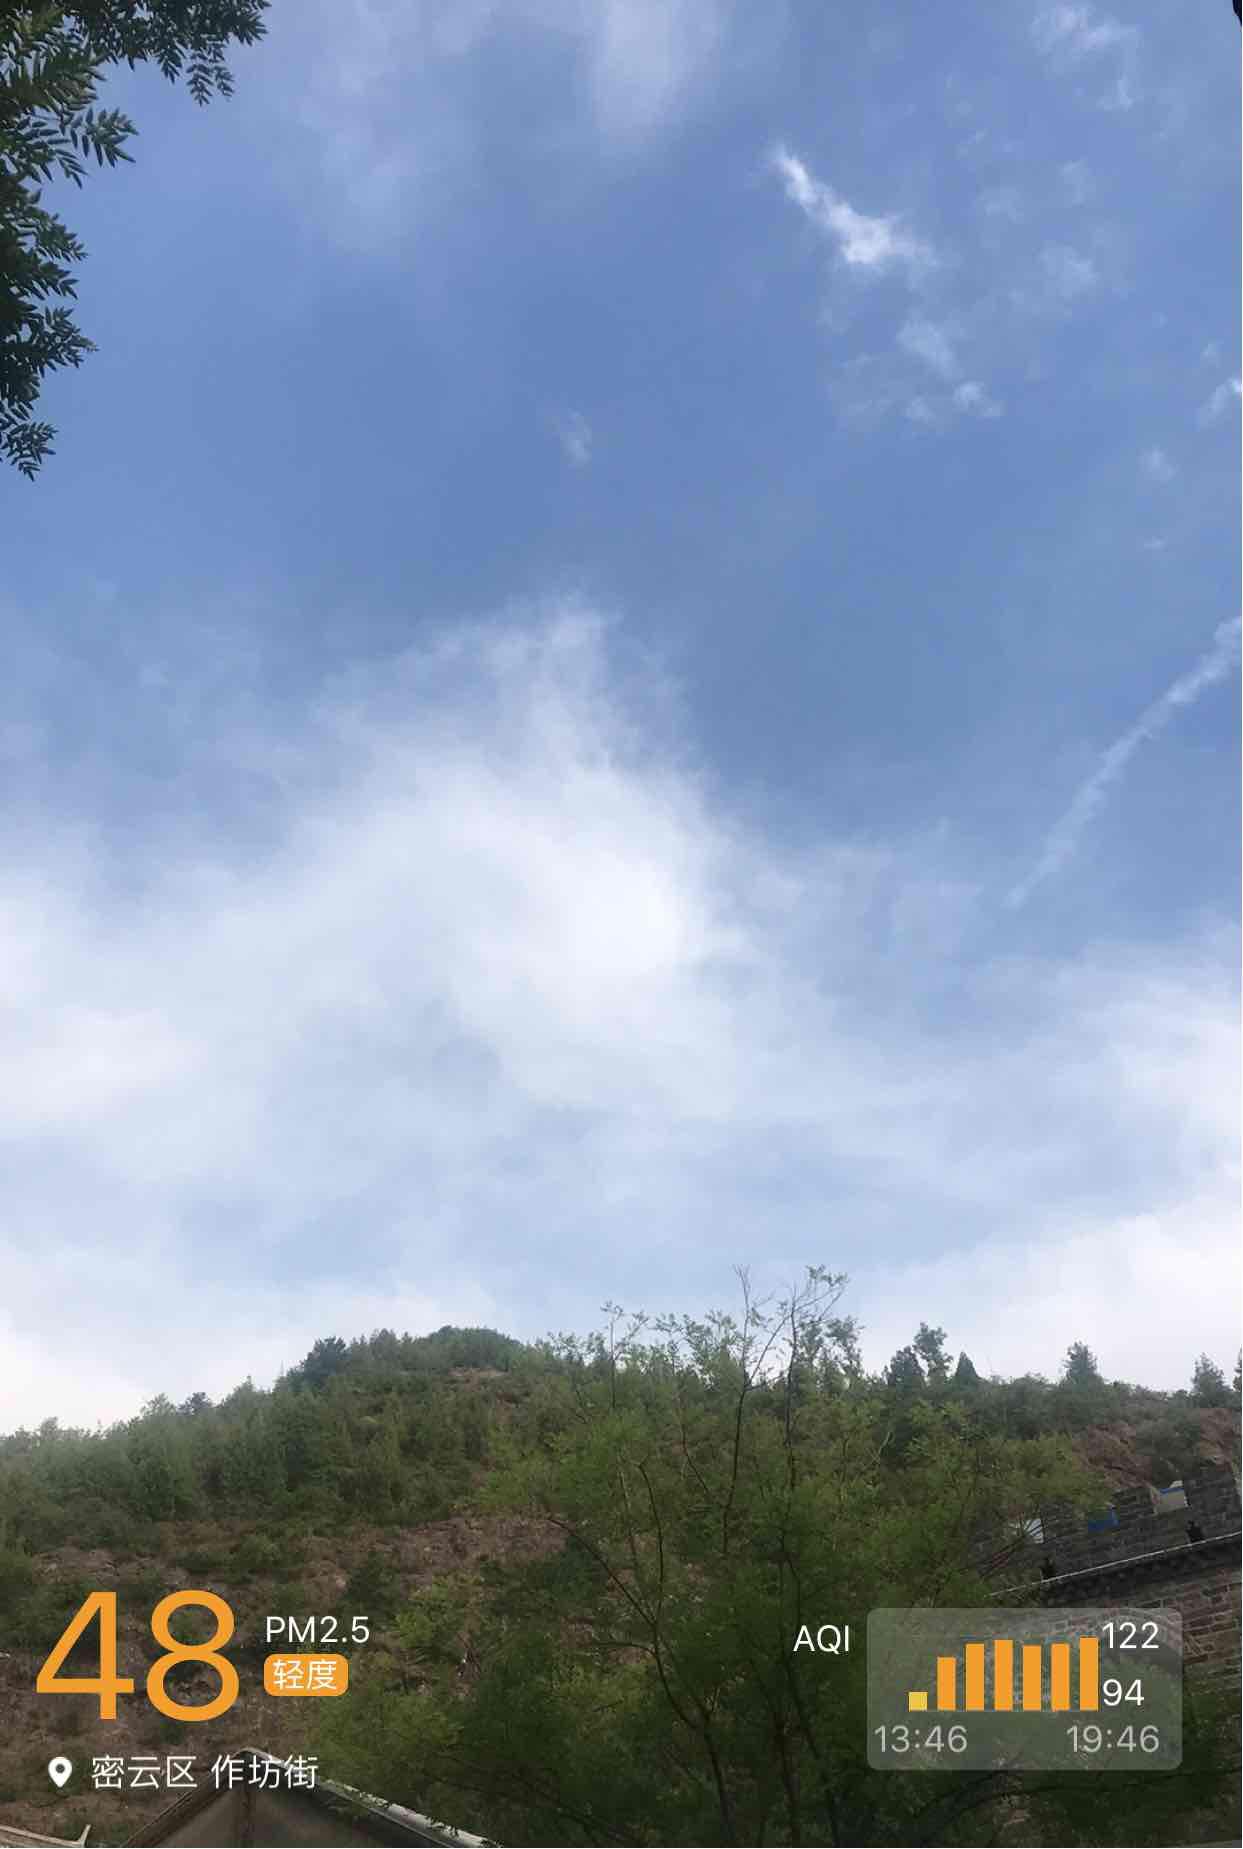 密云区天气预报